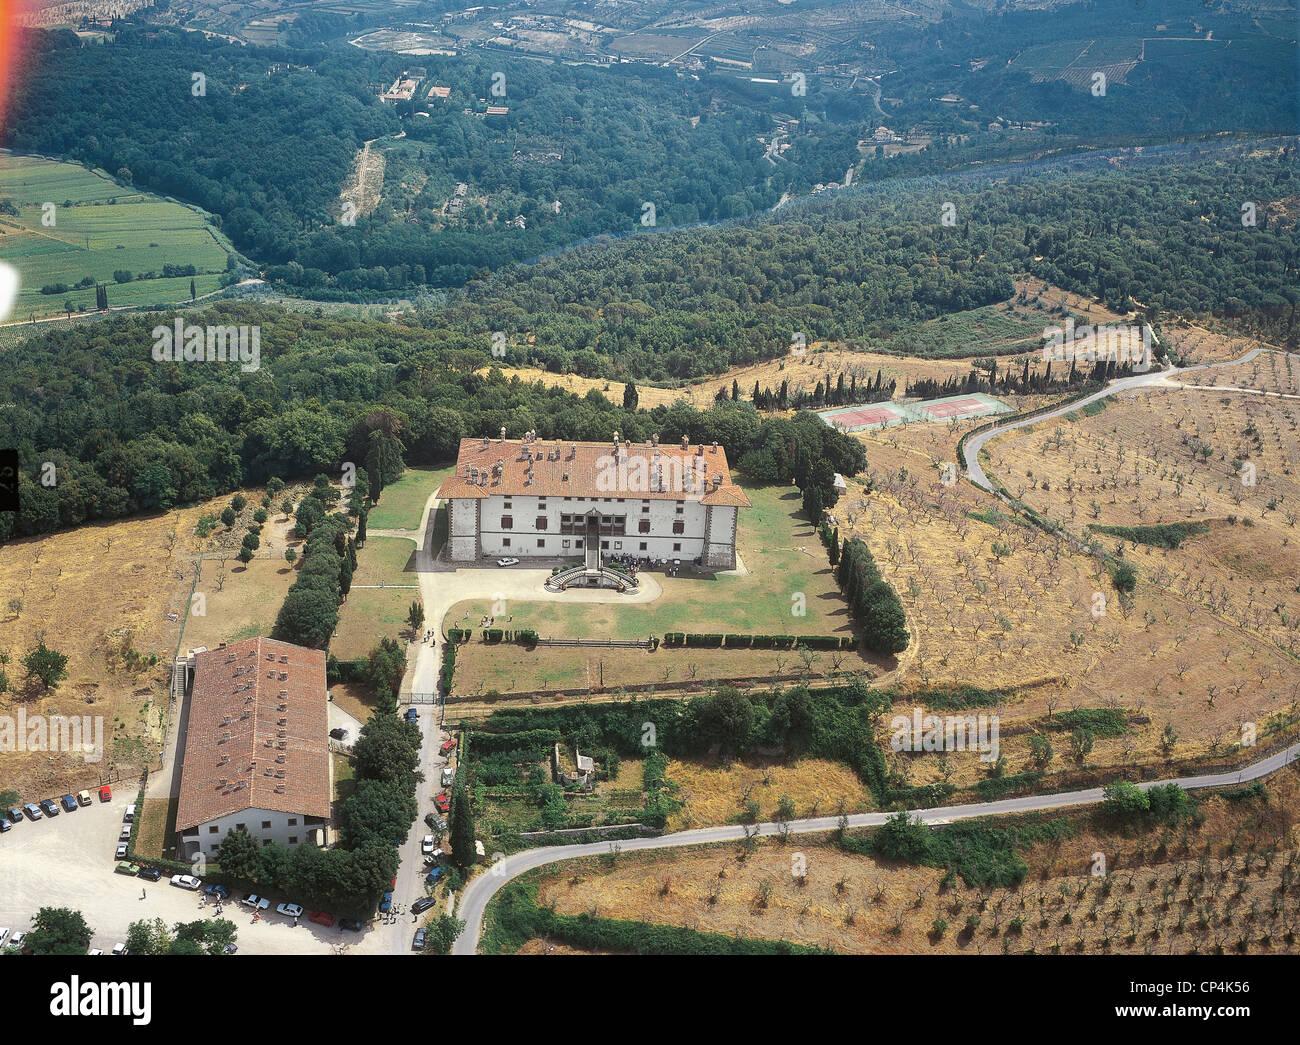 Villa Medici Mnchen. Diego Velzquez View Of The Garden Of The Villa ...